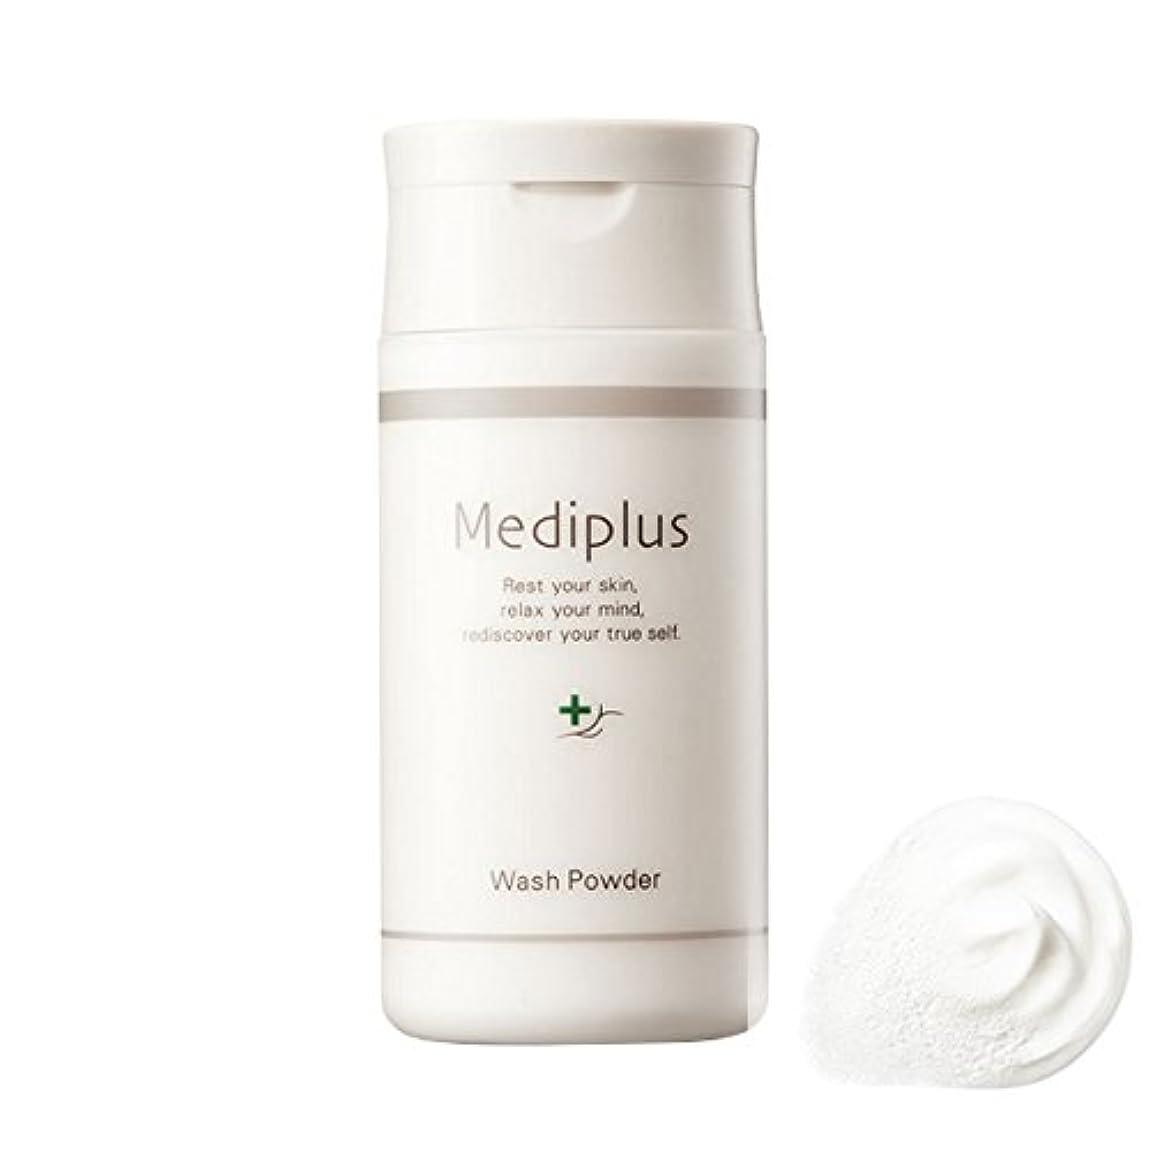 タービン親密なふさわしい【Mediplus+】 メディプラス 酵素洗顔料 ウォッシュパウダー 60g [ パパイン酵素 毛穴ケア ]